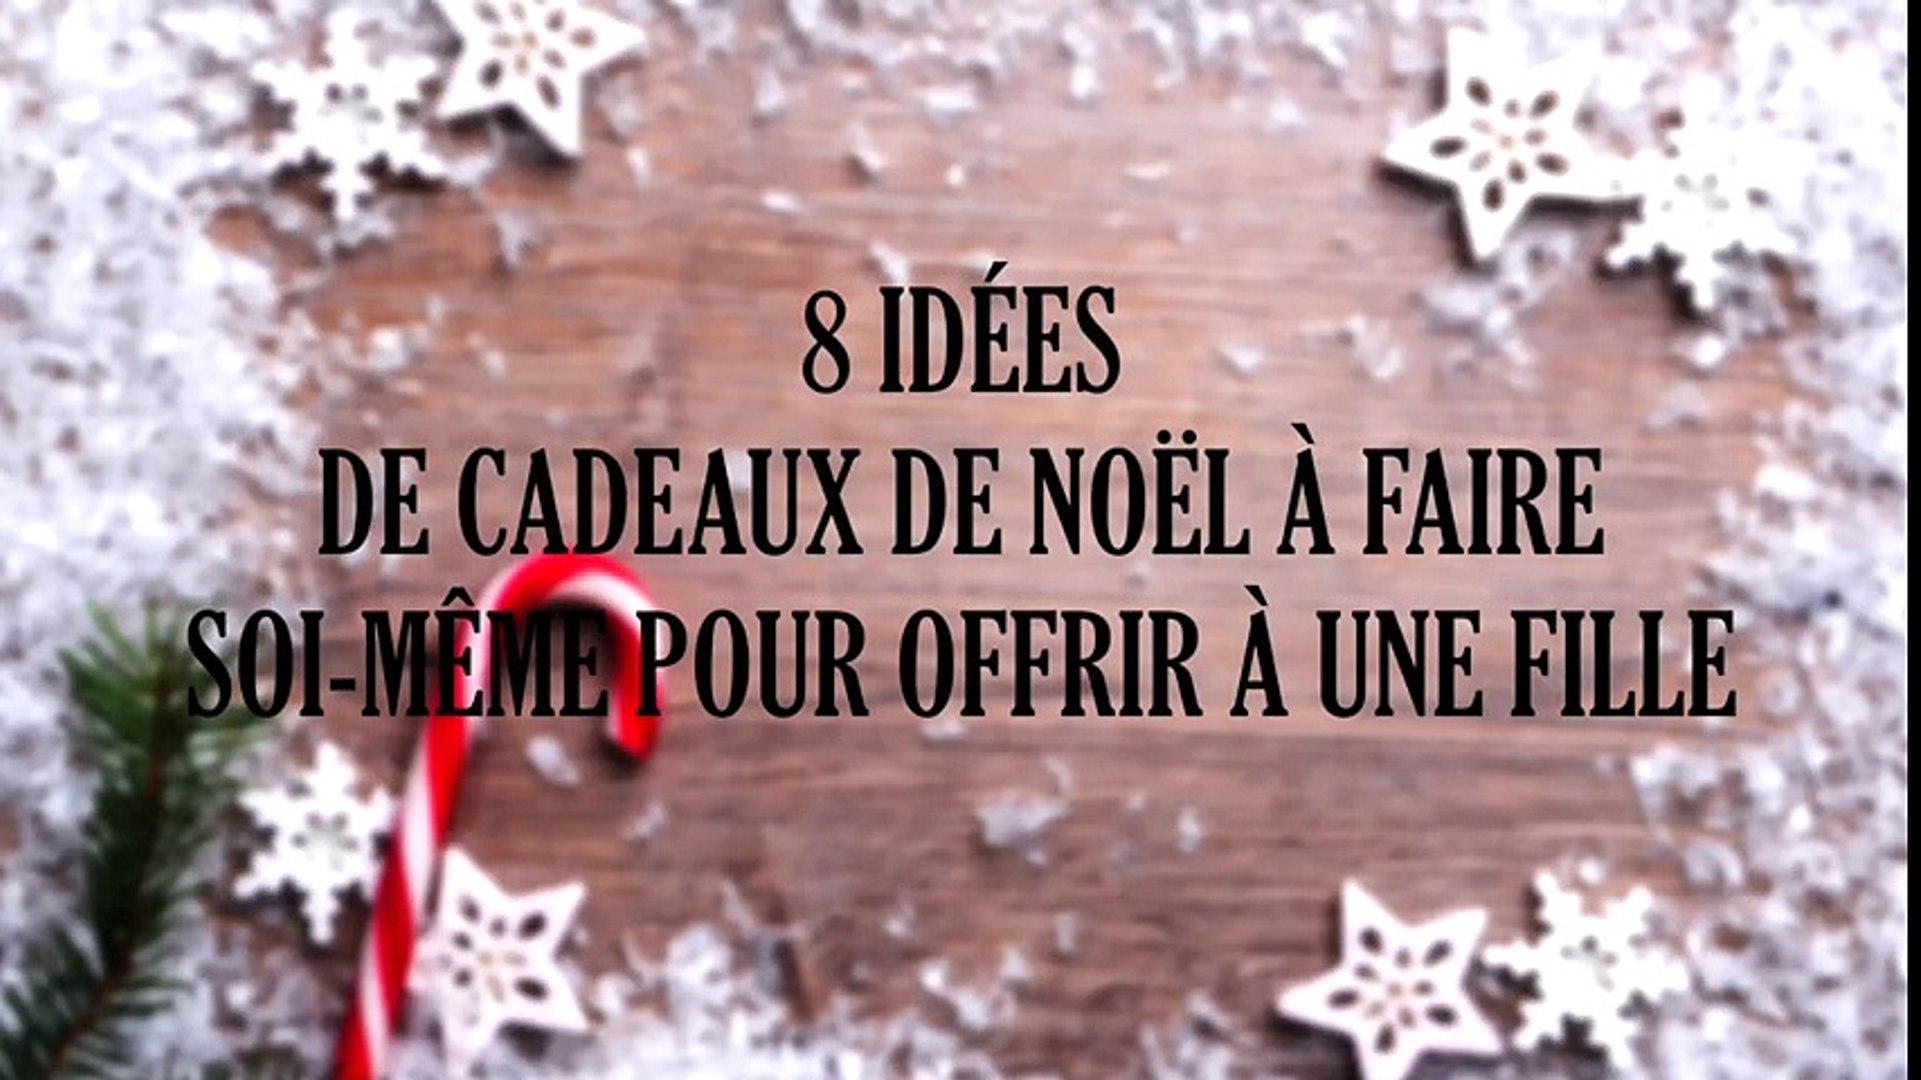 Cadeau Pour Noel A Fabriquer Soi Meme.8 Idées De Cadeaux De Noël à Faire Soi Même Pour Offrir à Une Fille